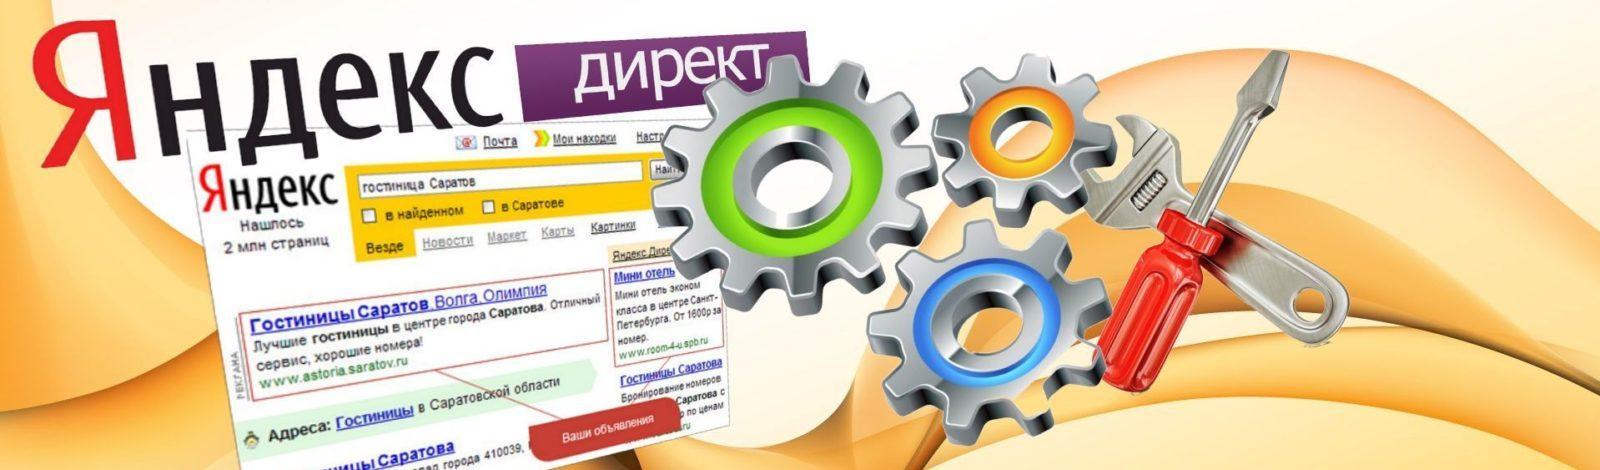 заказать рекламу яндекс в новороссийске